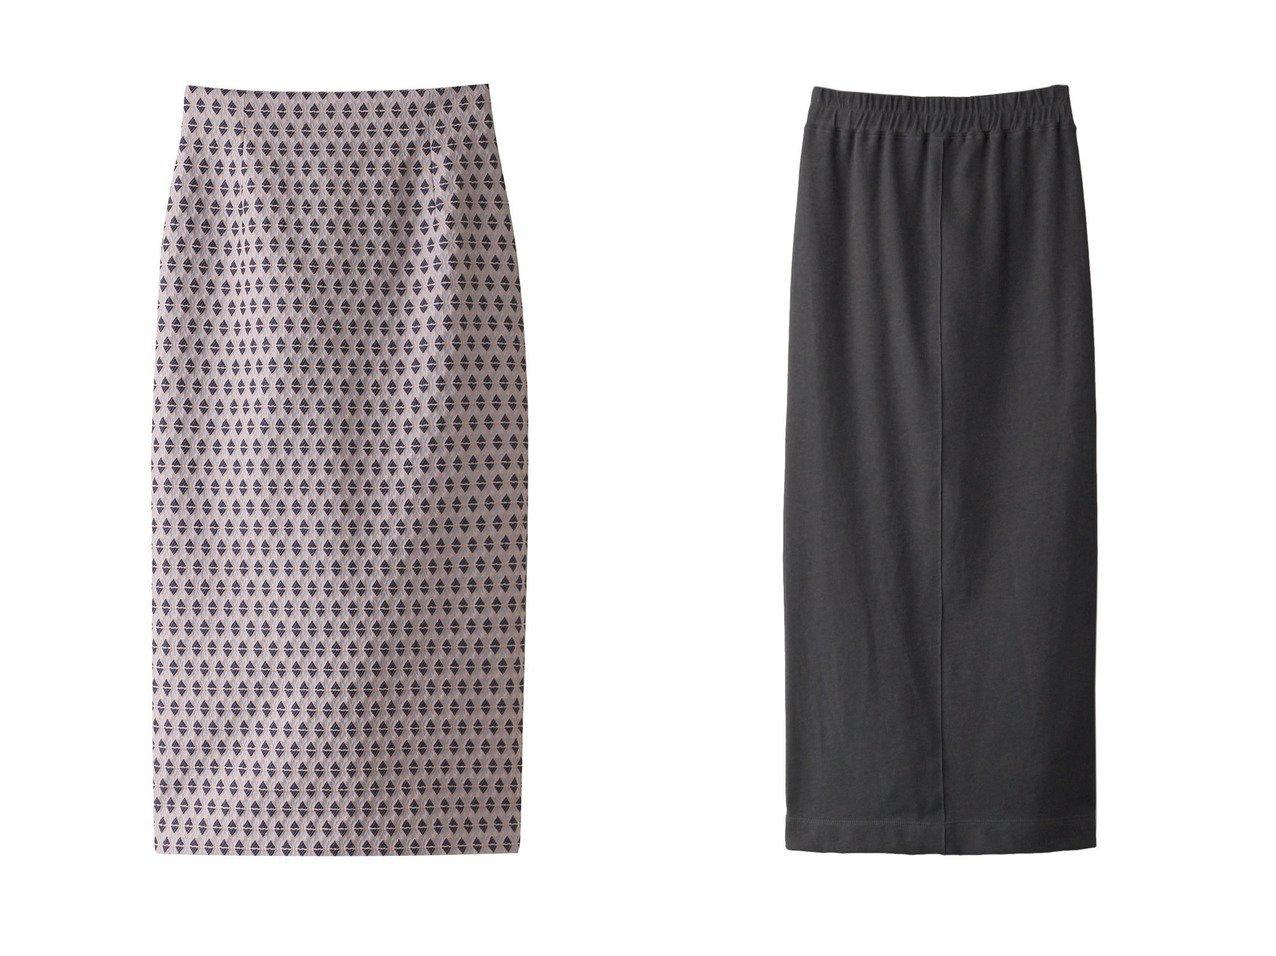 【ANAYI/アナイ】のダイヤジャガードタイトスカート&【1er Arrondissement/プルミエ アロンディスモン】のストレッチスカート 【スカート】おすすめ!人気、トレンド・レディースファッションの通販  おすすめで人気の流行・トレンド、ファッションの通販商品 メンズファッション・キッズファッション・インテリア・家具・レディースファッション・服の通販 founy(ファニー) https://founy.com/ ファッション Fashion レディースファッション WOMEN スカート Skirt ロングスカート Long Skirt おすすめ Recommend シンプル ジャカード タイトスカート ストレッチ ベーシック ロング |ID:crp329100000033930